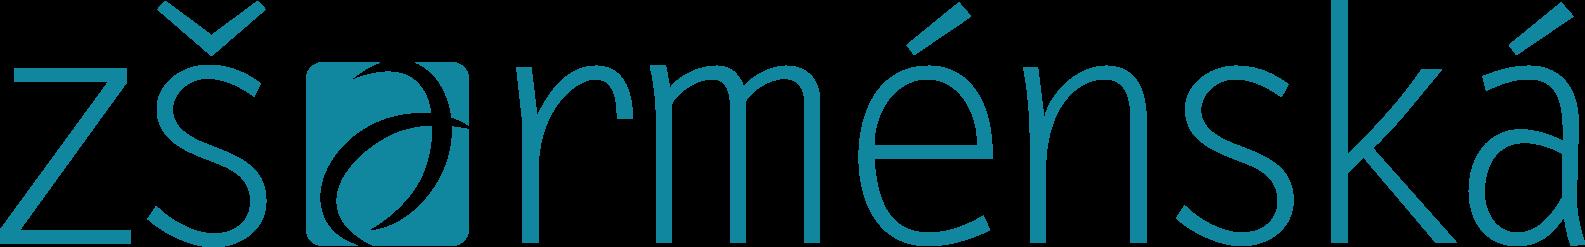 logotyp pozitiv